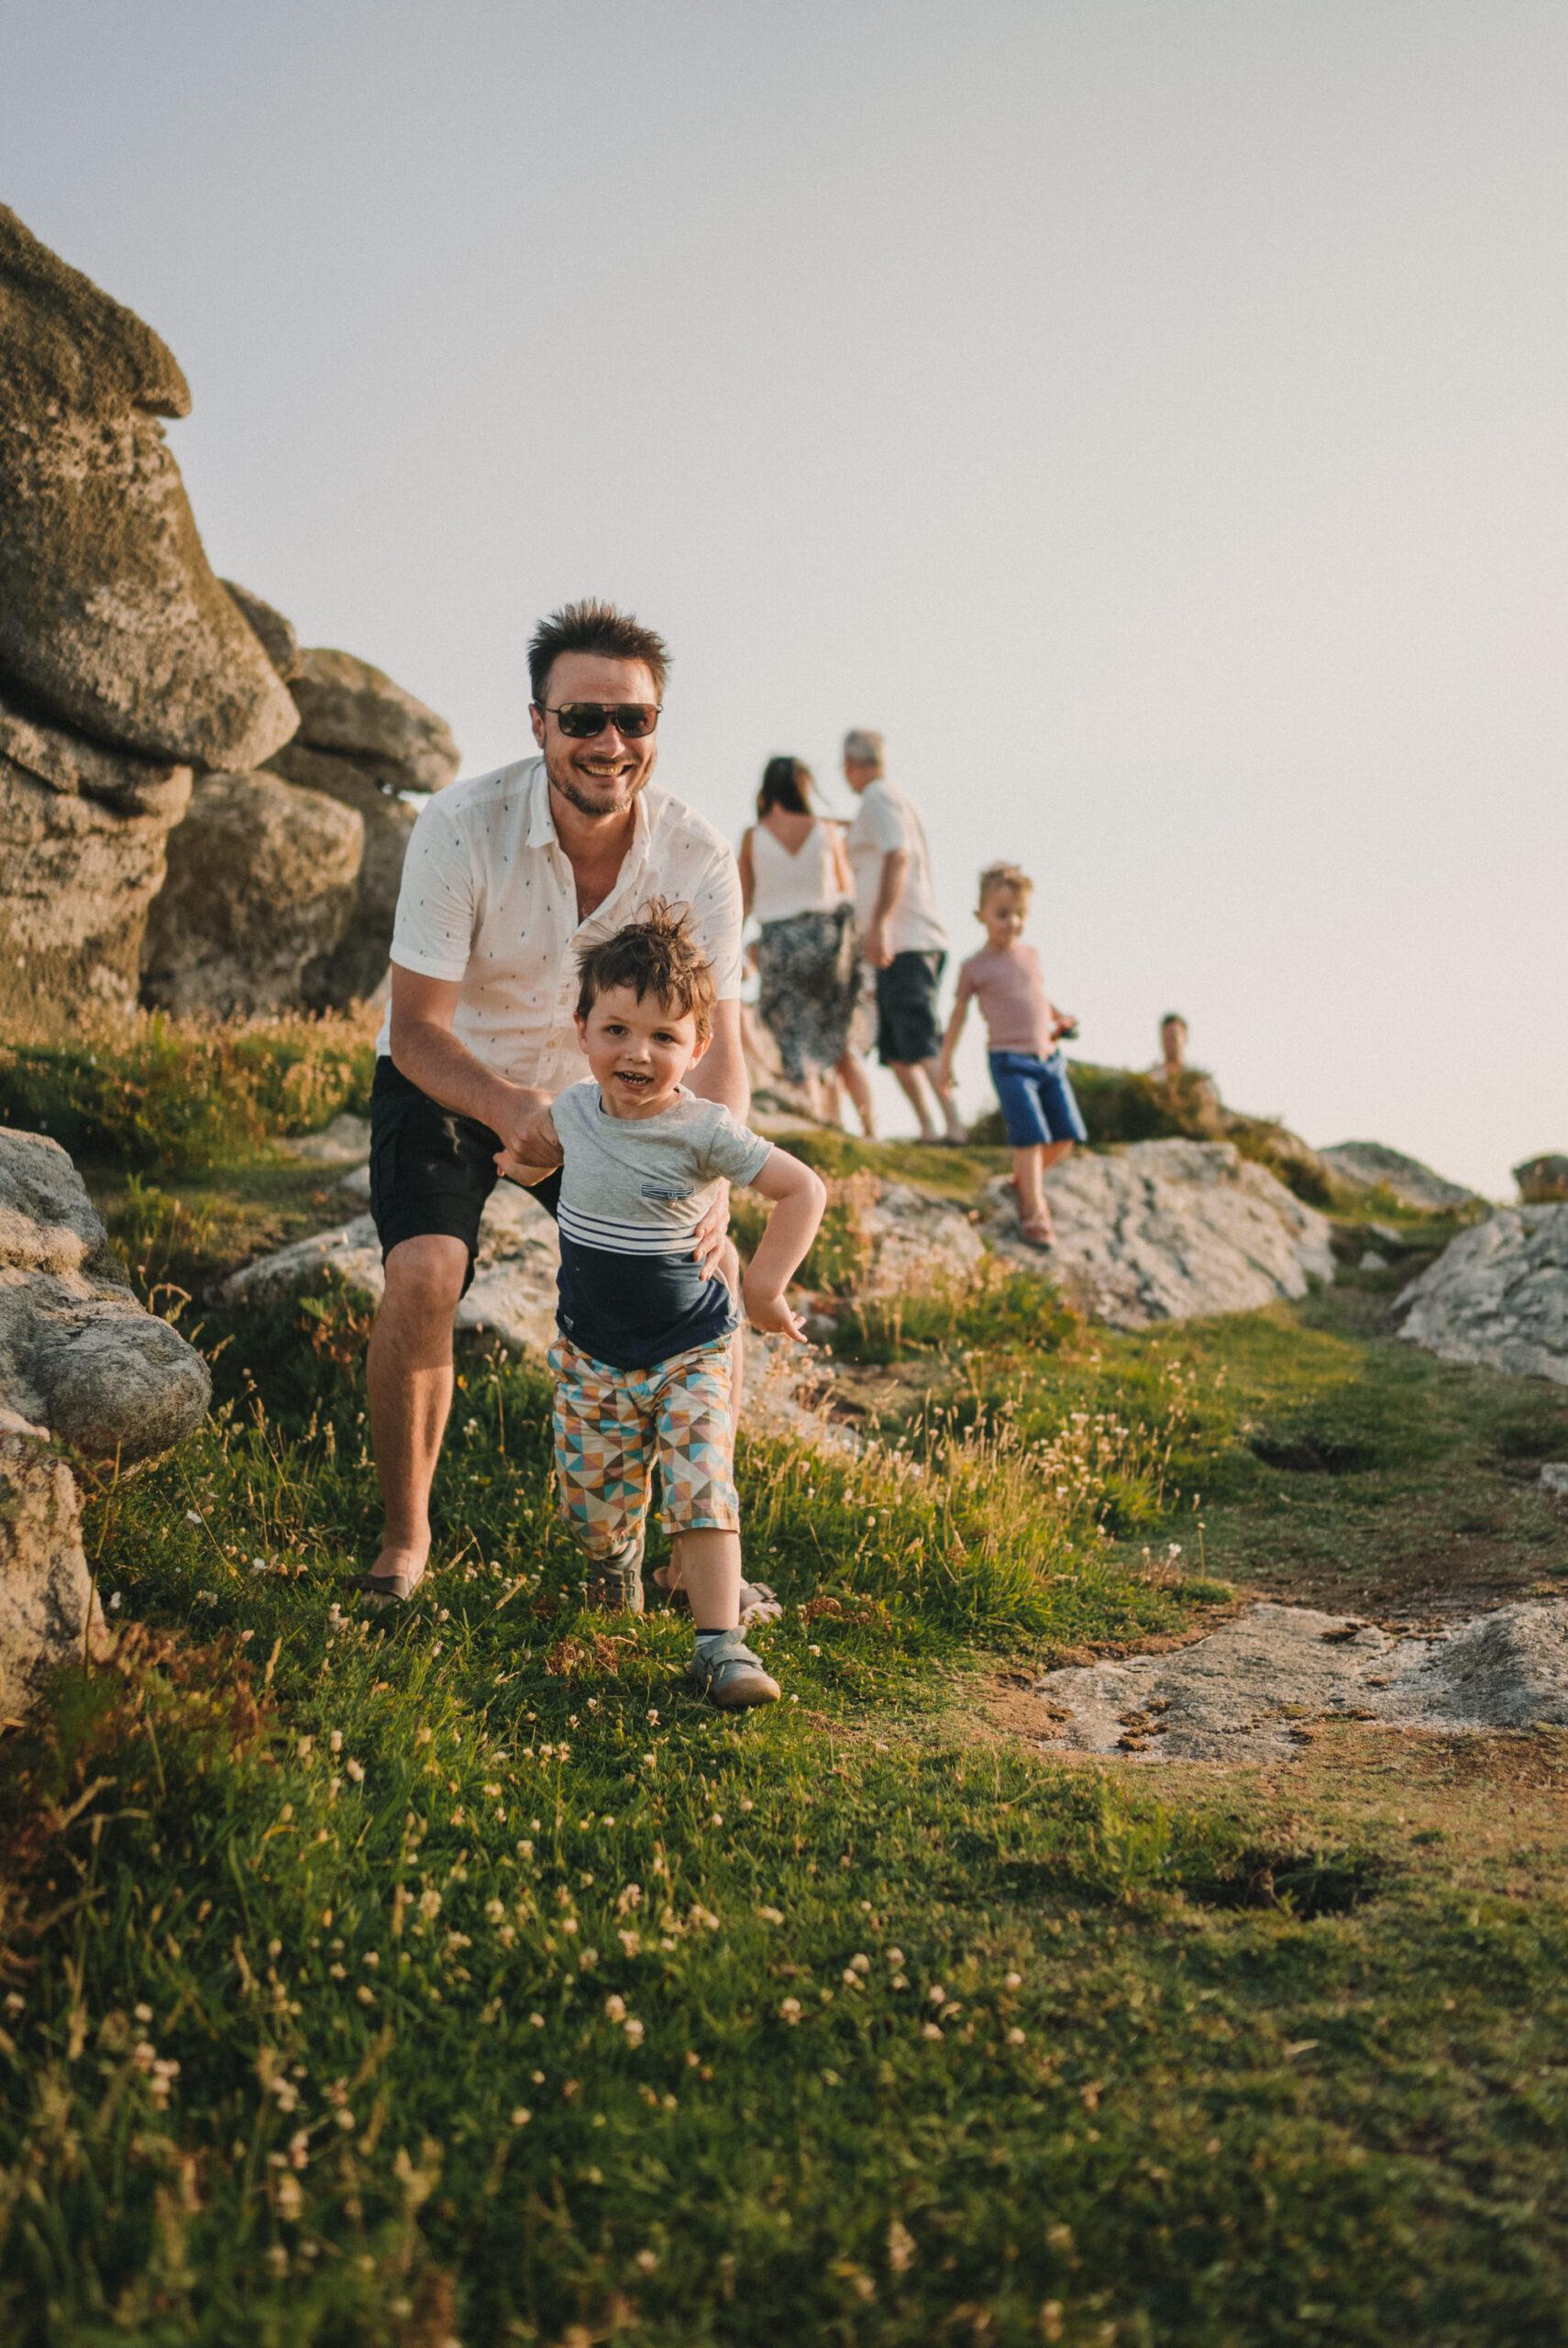 2021.07.20 Photo De Famille A Porspoder En Bretagne Par Antoine Borzeix 208 Scaled, Photographe & Videaste à Brest / Finistère